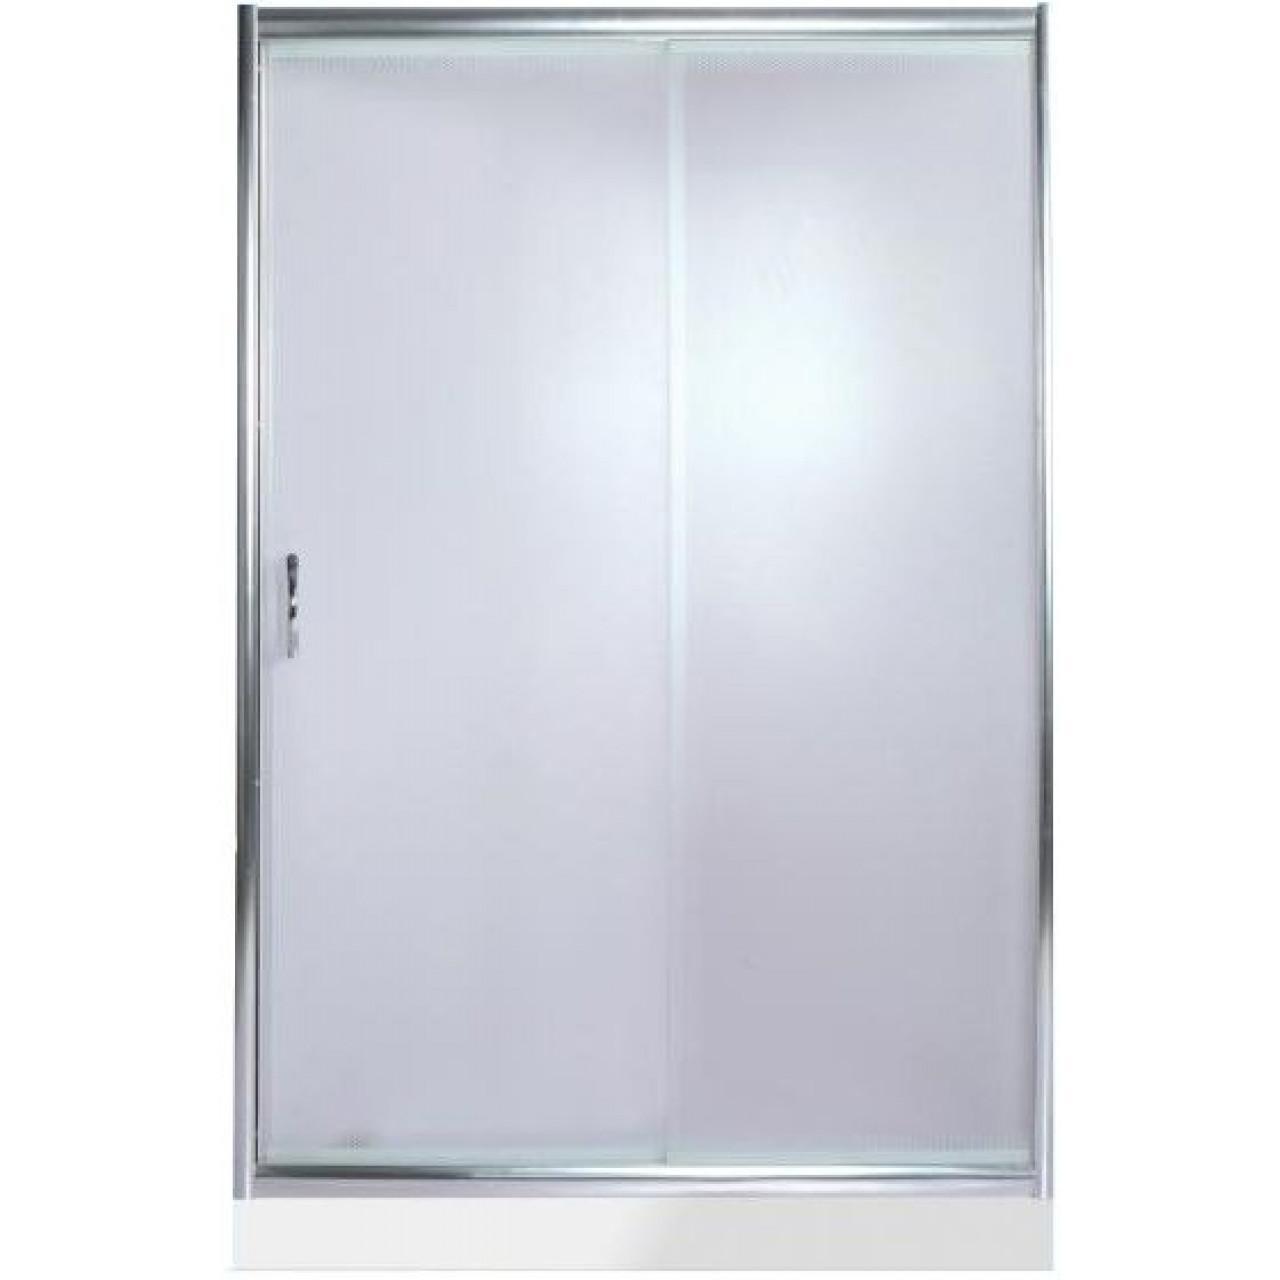 Дверь для душа River BERING 140 МТ купить в Москве по цене от 12100р. в интернет-магазине mebel-v-vannu.ru